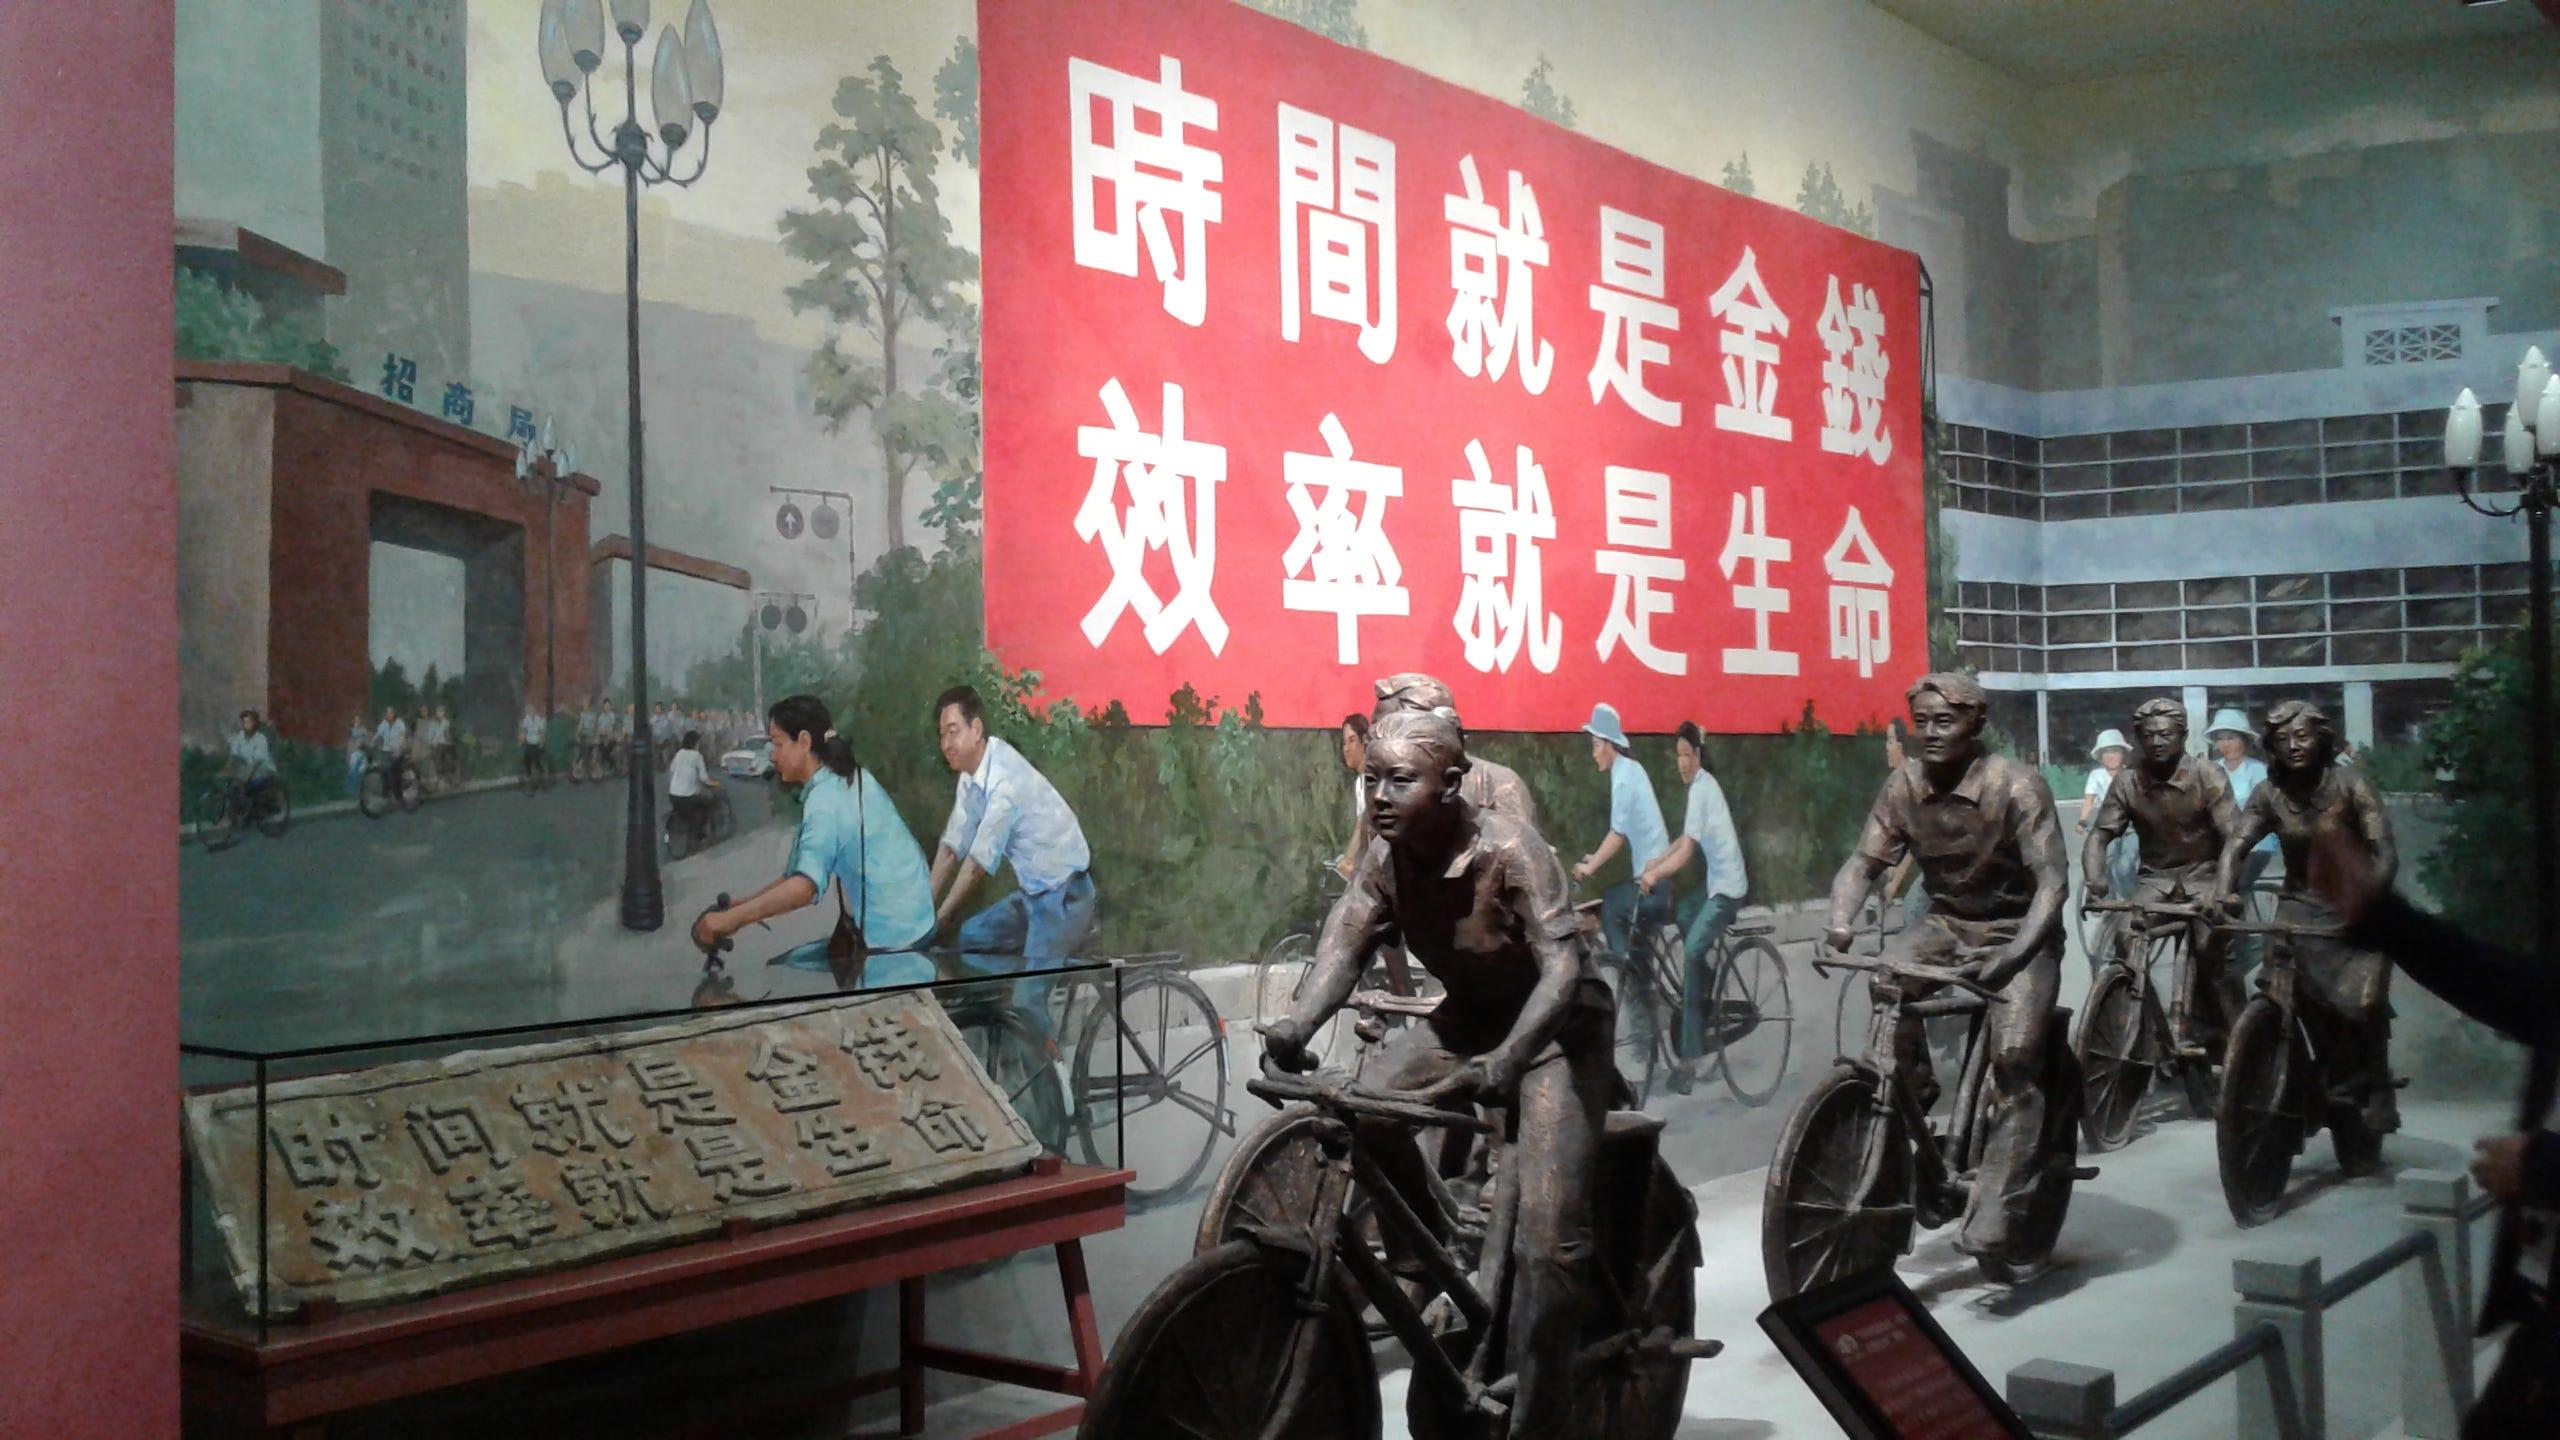 「大潮起珠江」---- 廣東改革開放40周年展覽 參觀小記. 對習帝的另一層歌頌 | by Wright Fu | Medium